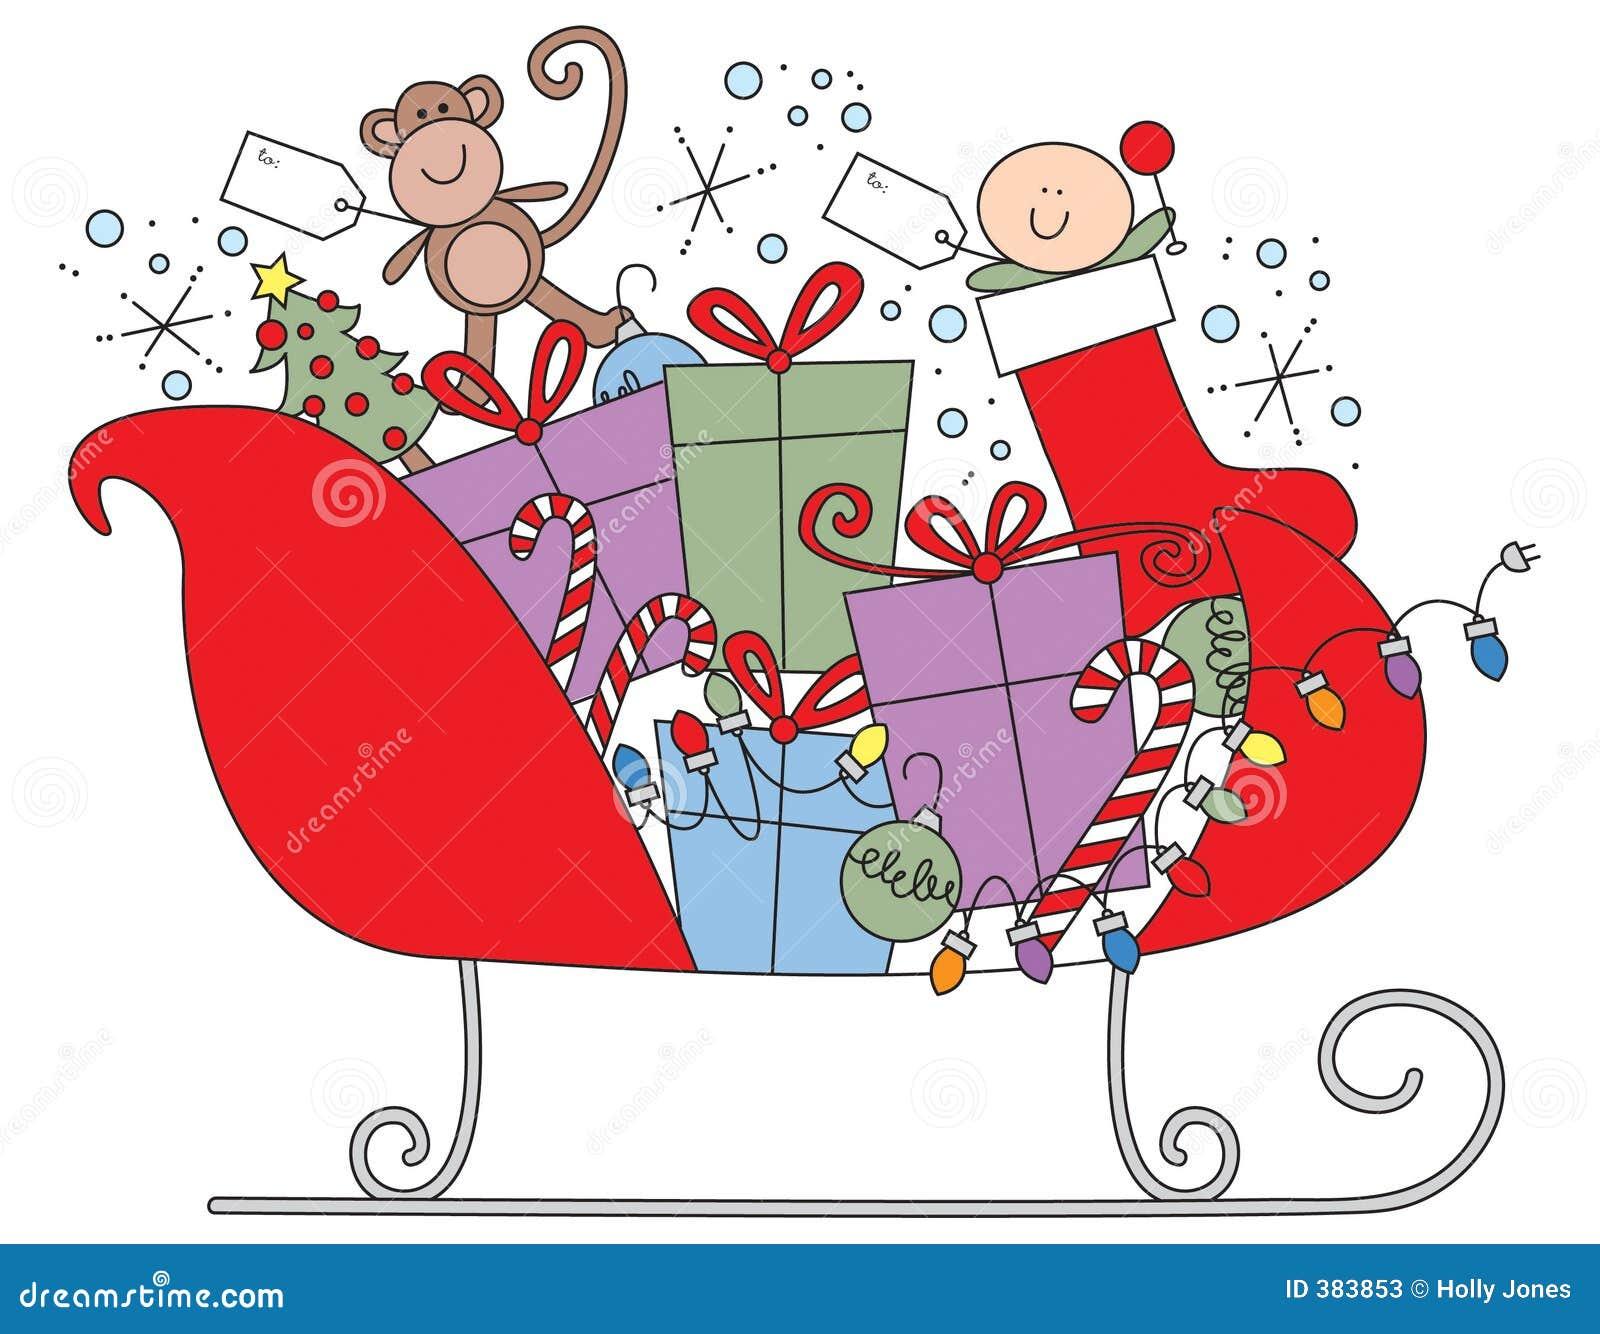 Santa s sleigh stock photos image 383853